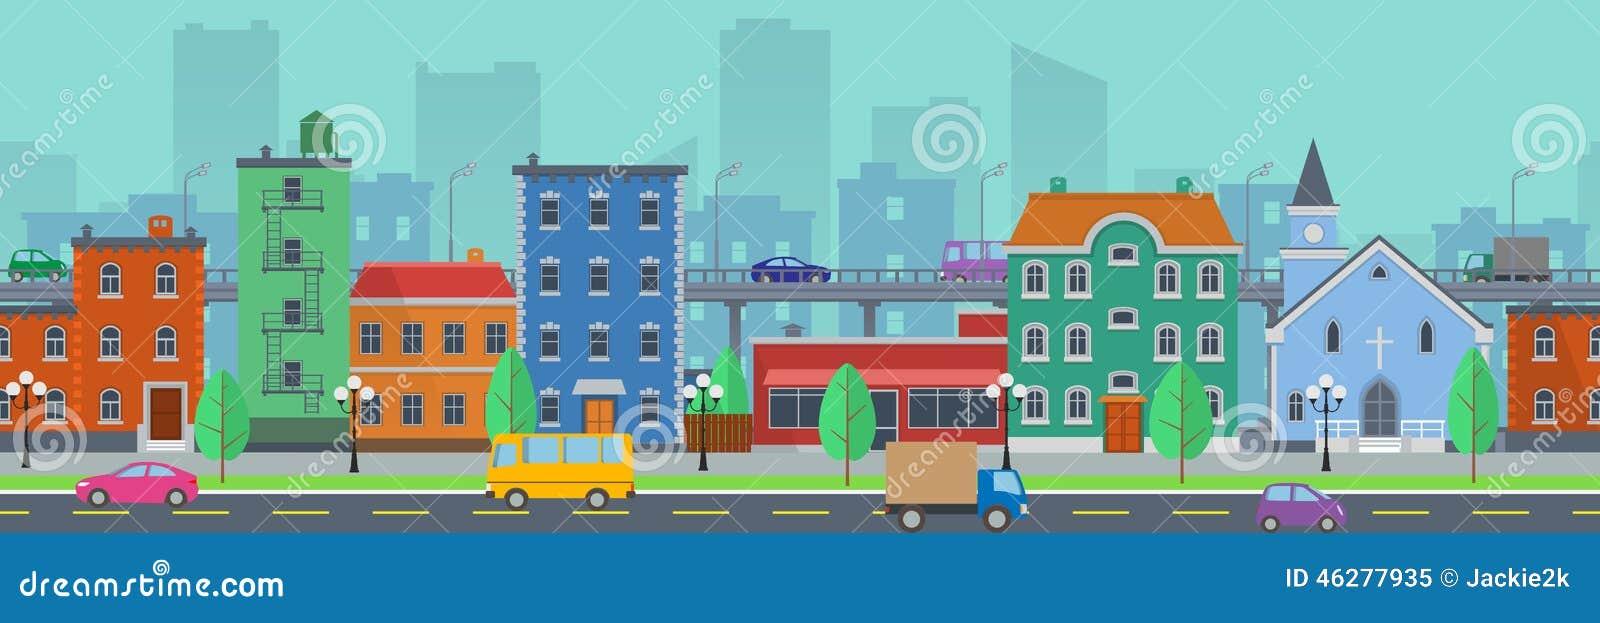 Городской пейзаж широкого экрана в плоском стиле